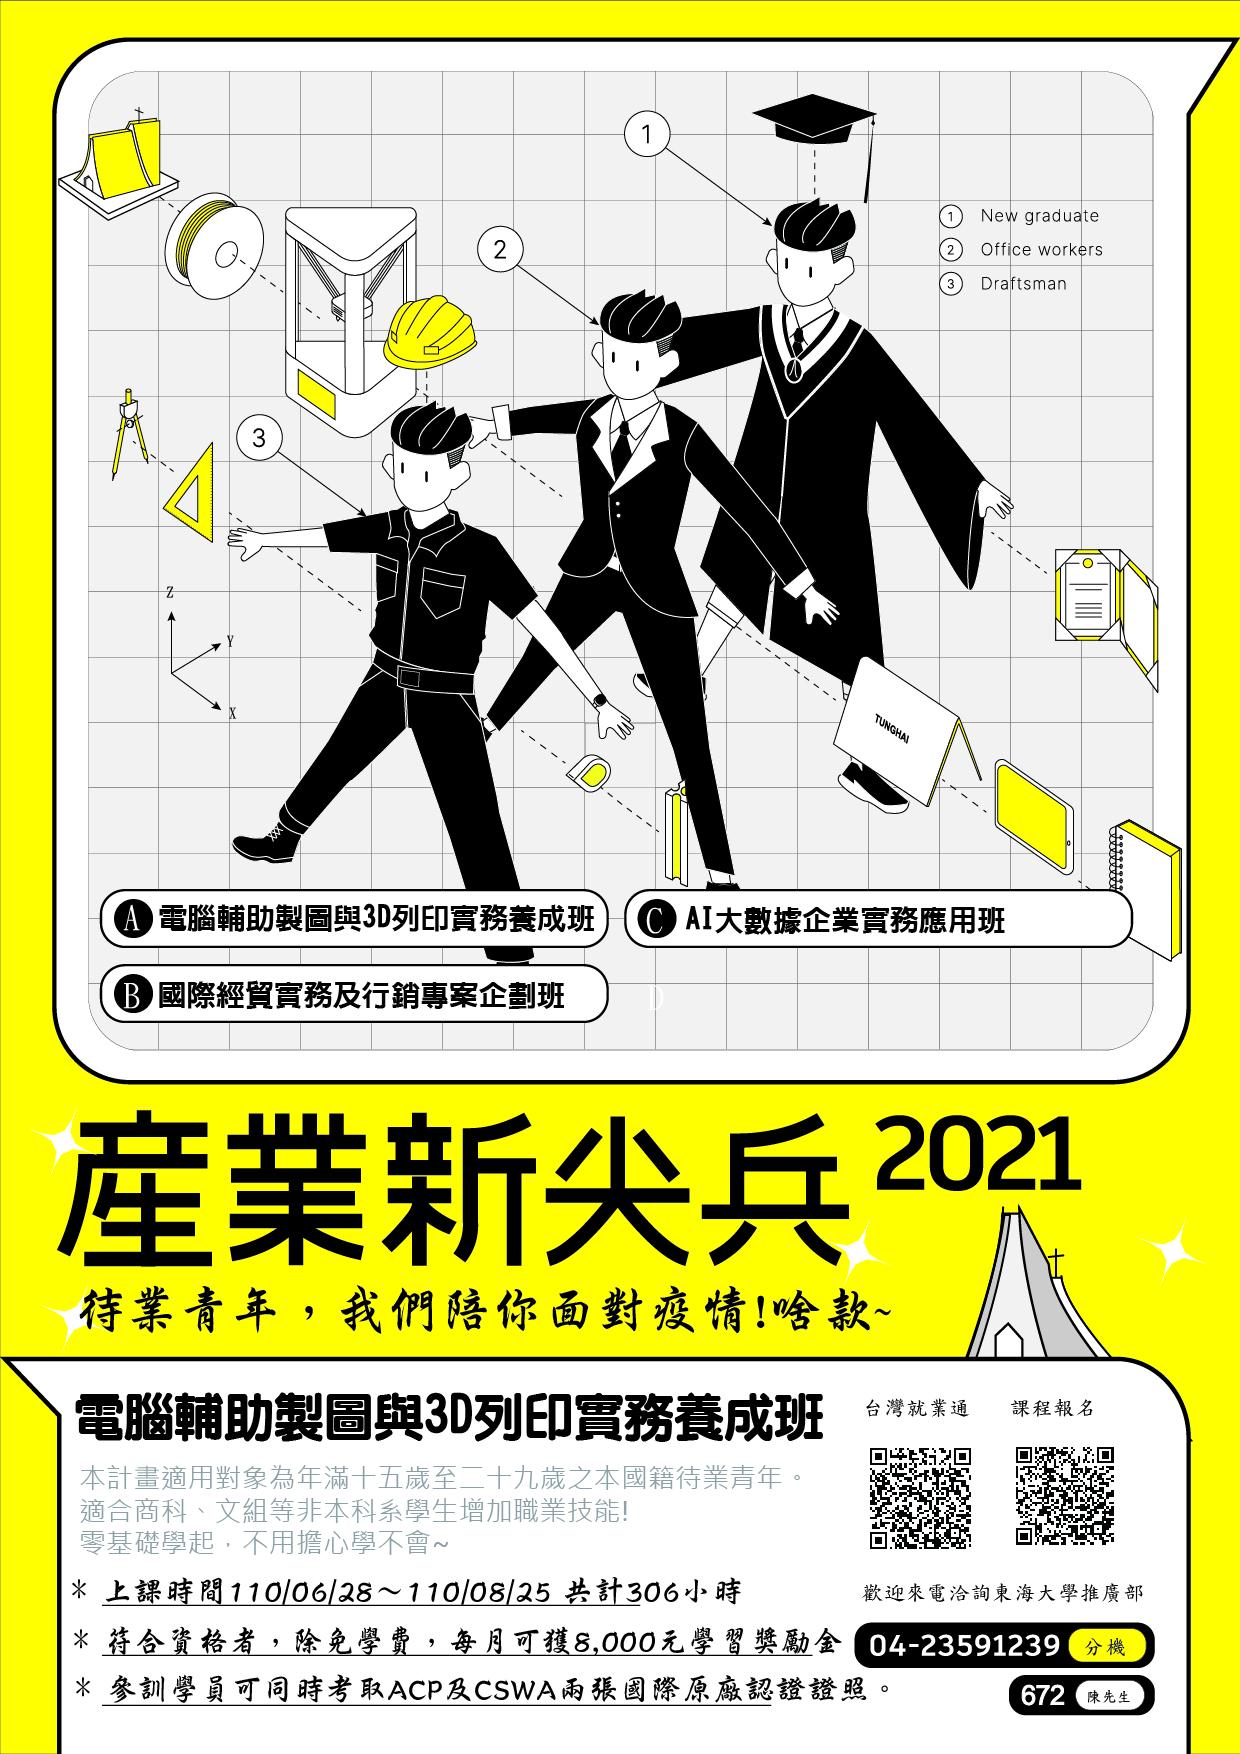 【推廣部】2021東海大學產業新尖兵計畫